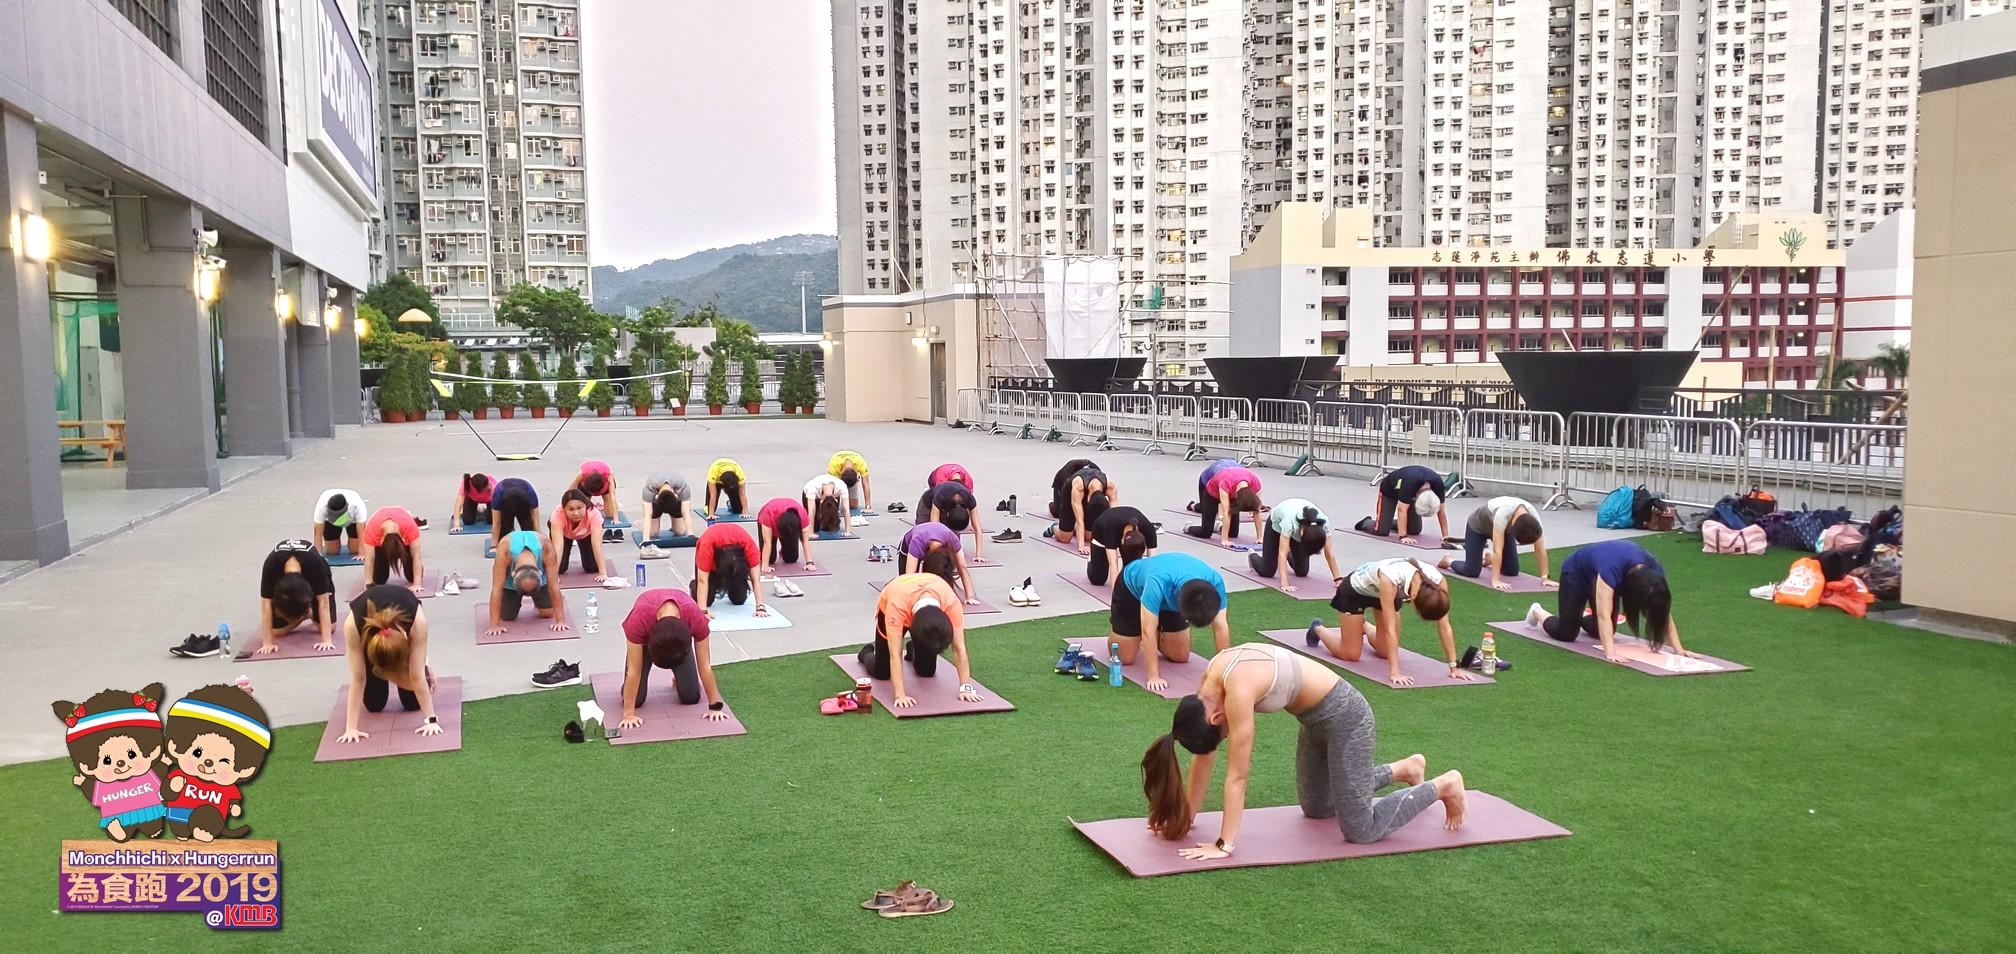 Monchhichi x 為食跑2019 - 瑜珈工作坊